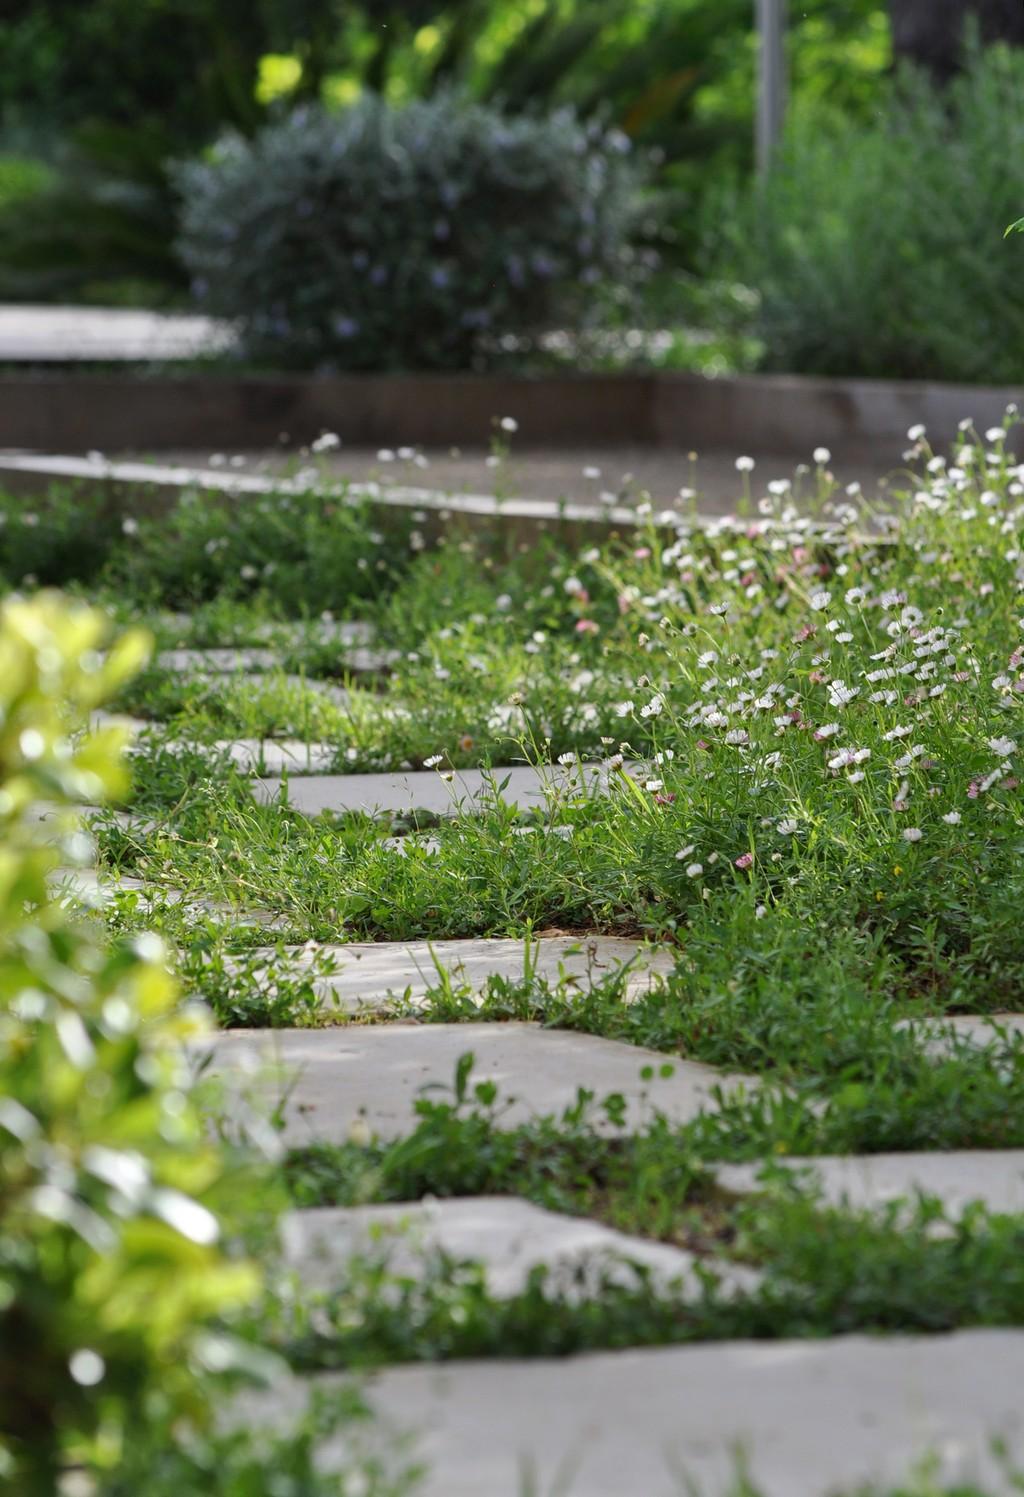 Entretien parcs et jardins adonis paysages for Entretien jardin 74